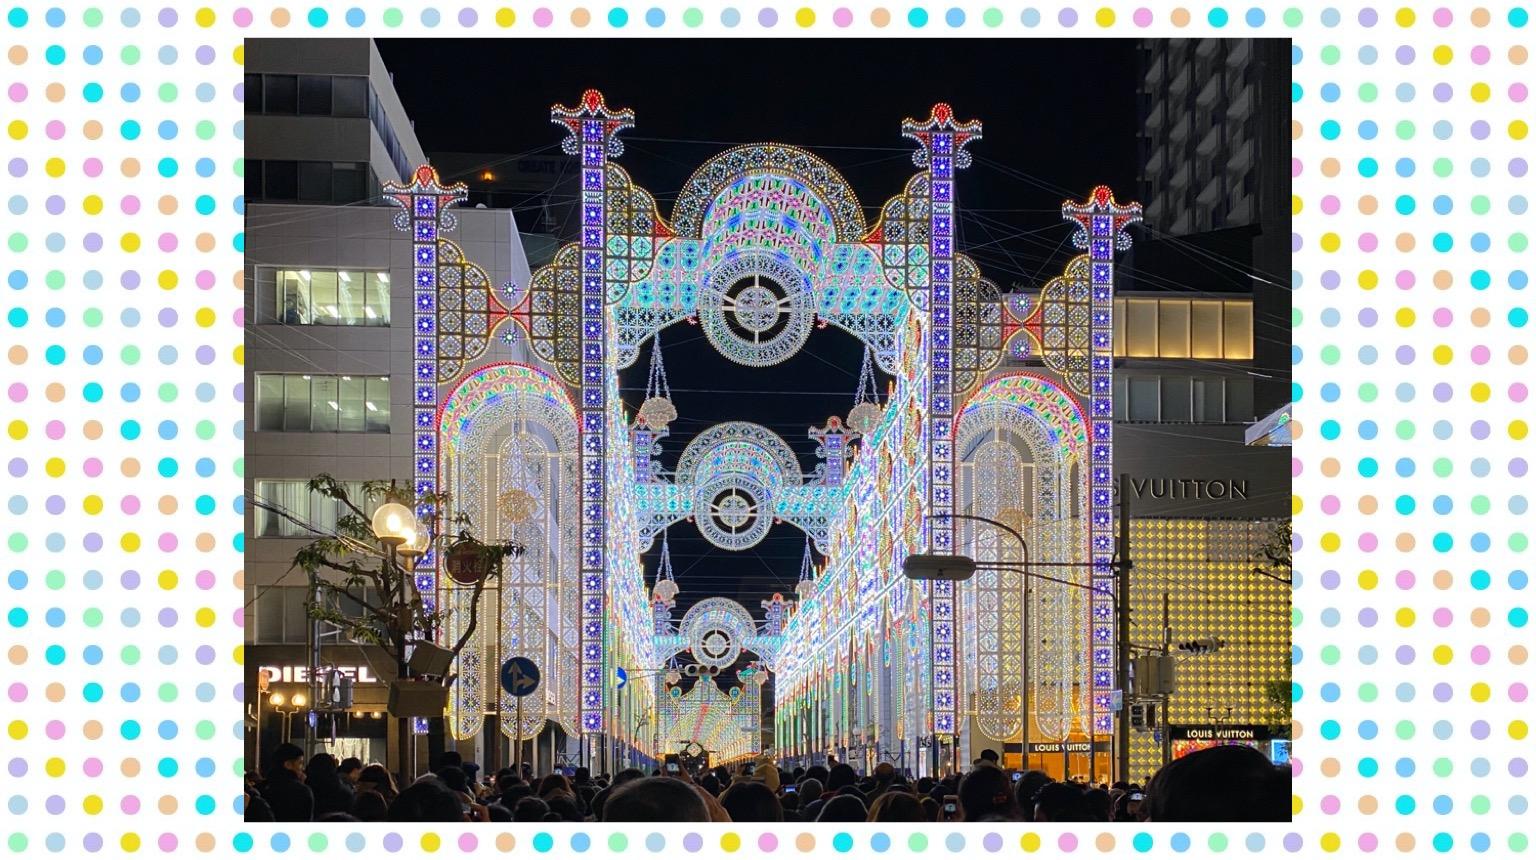 神戸ルミナリエに行ってきた 2019年は25回目の開催